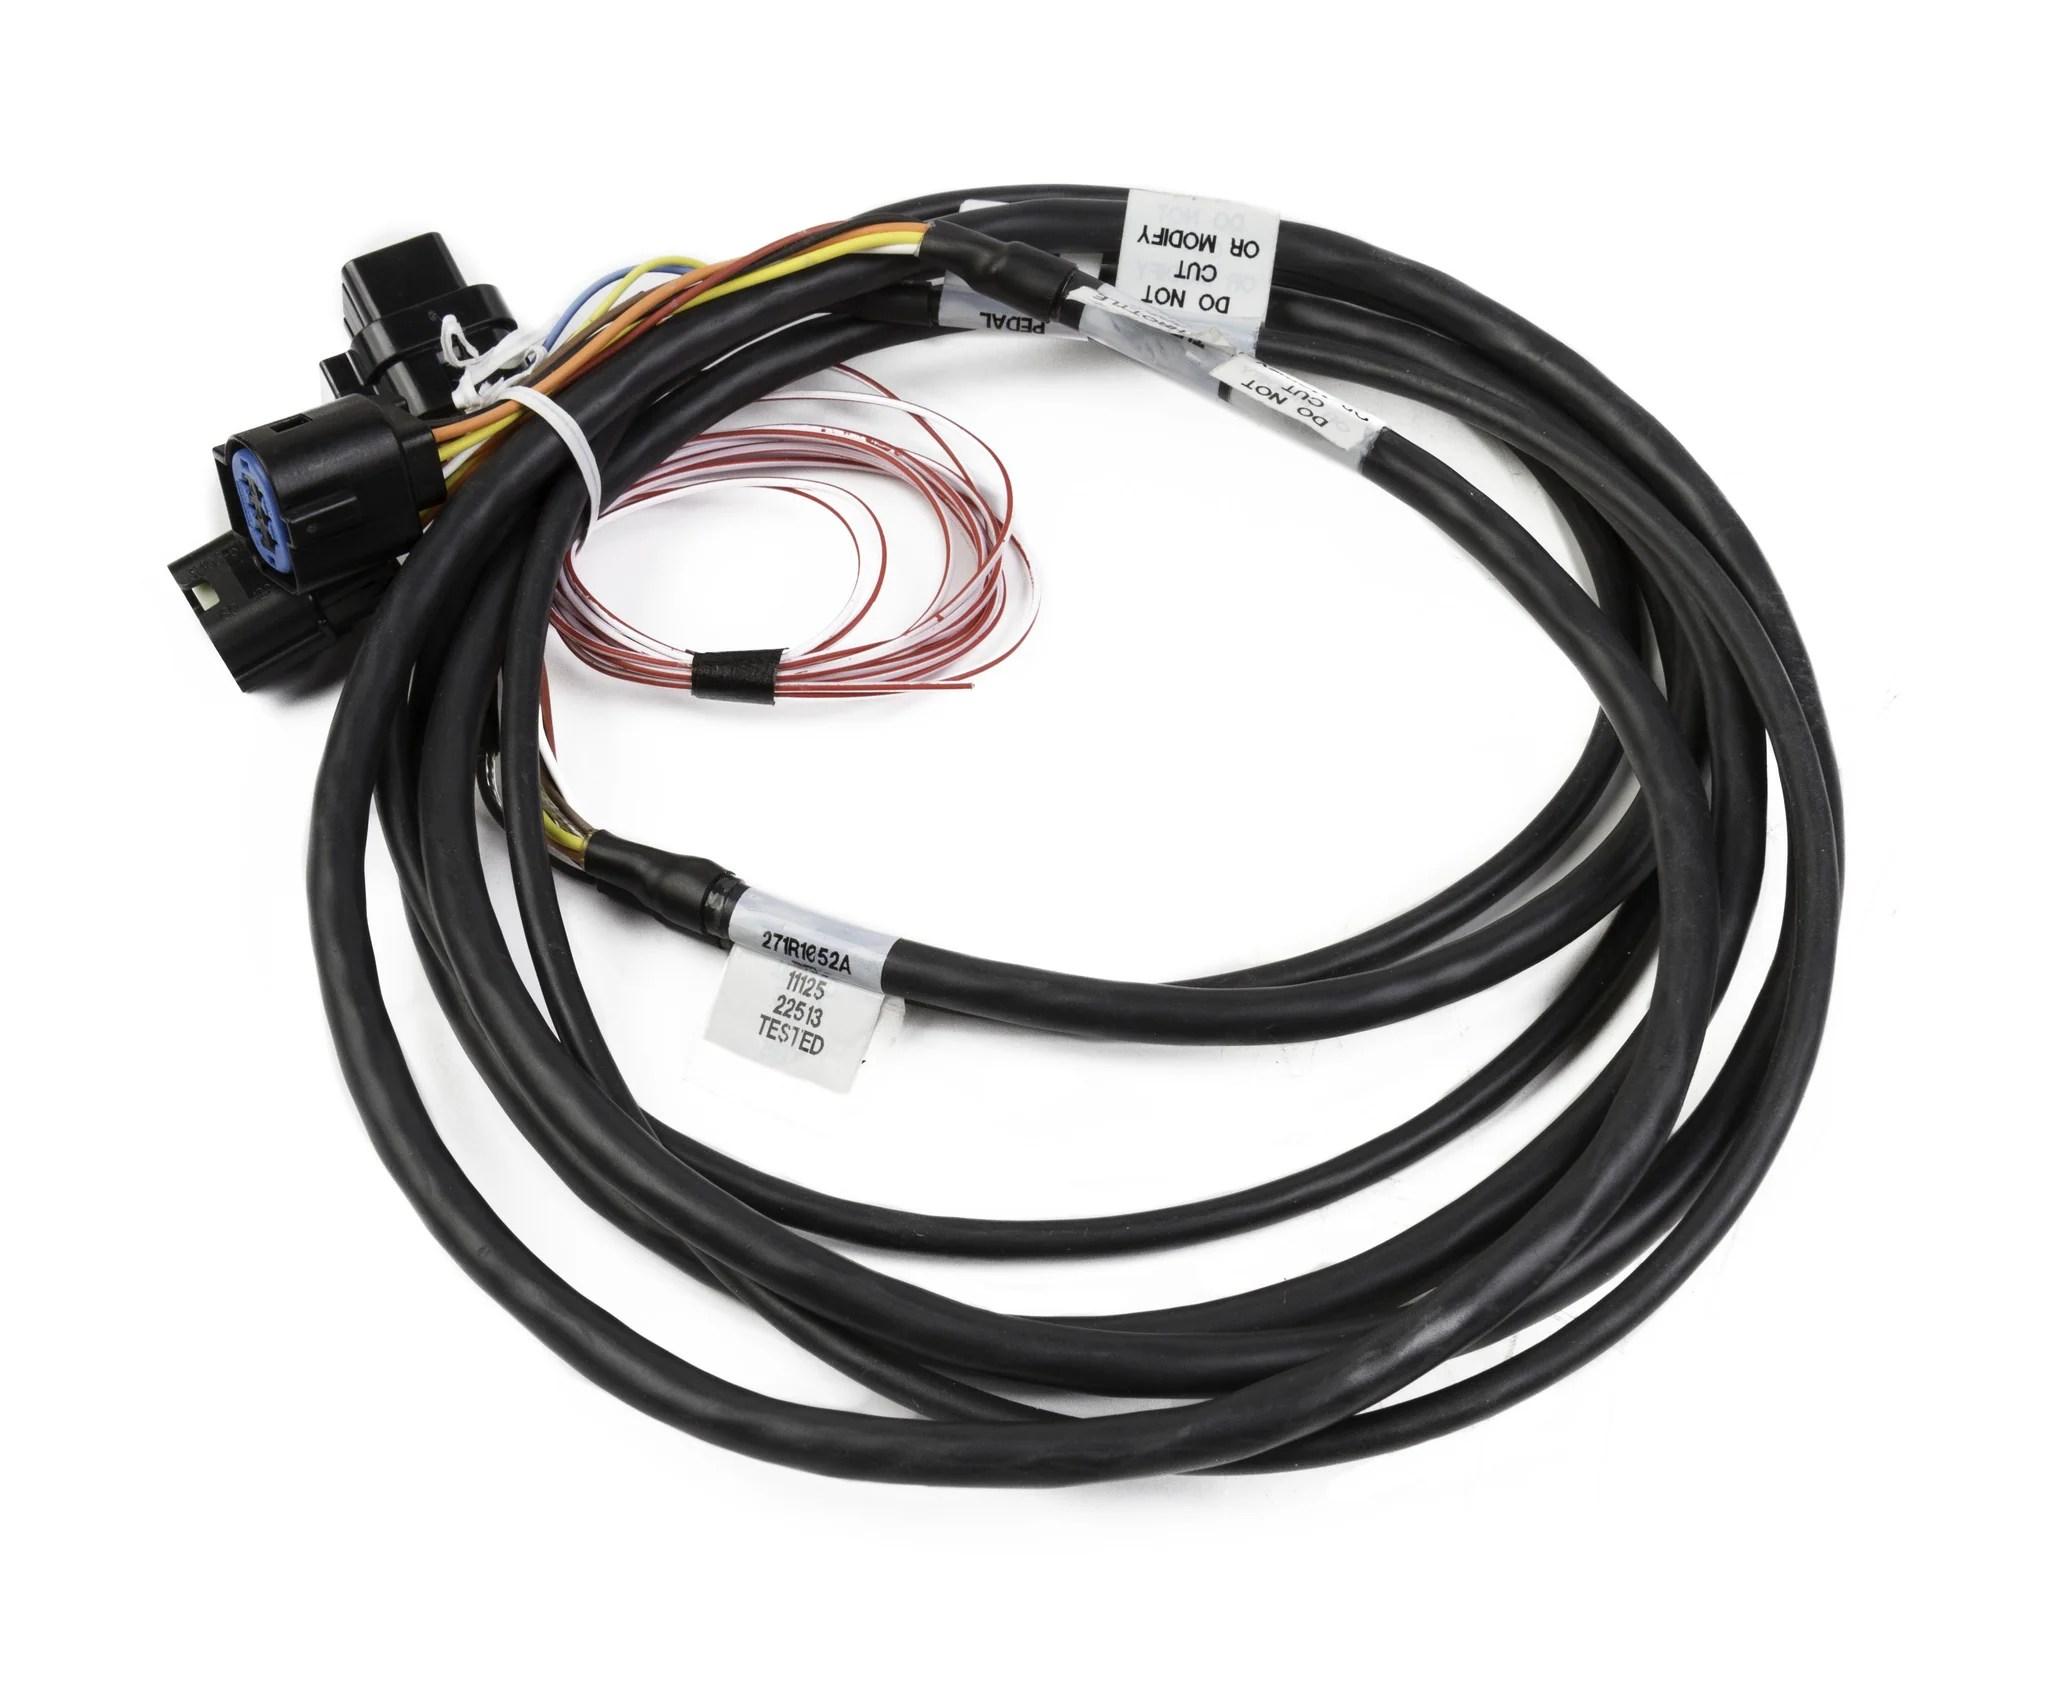 gen iii hemi drive by wire harness late pedal [ 2048 x 1686 Pixel ]